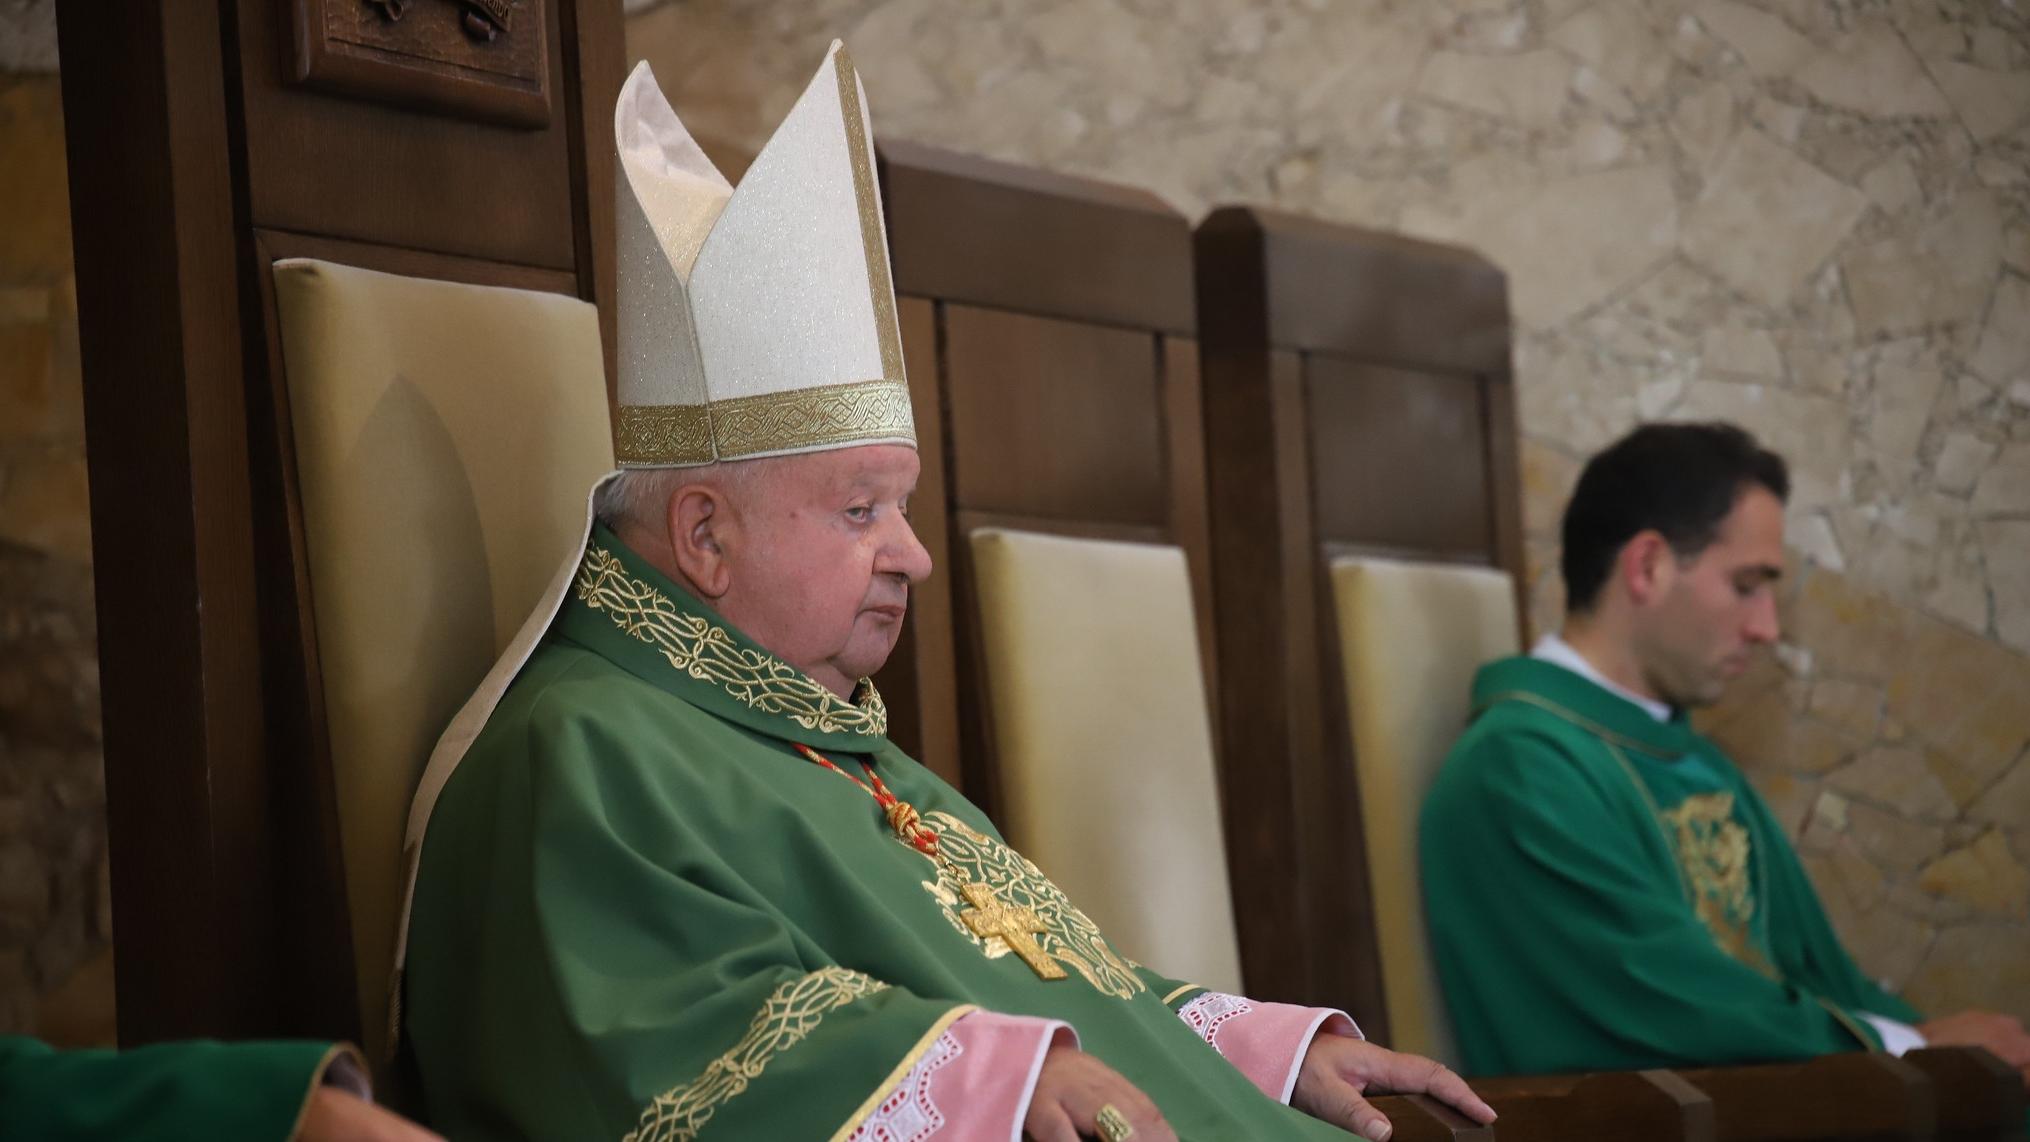 Coraz mniej Polaków chodzi do kościoła. W niedzielę odbyła się mobilizacja liczenia wiernych